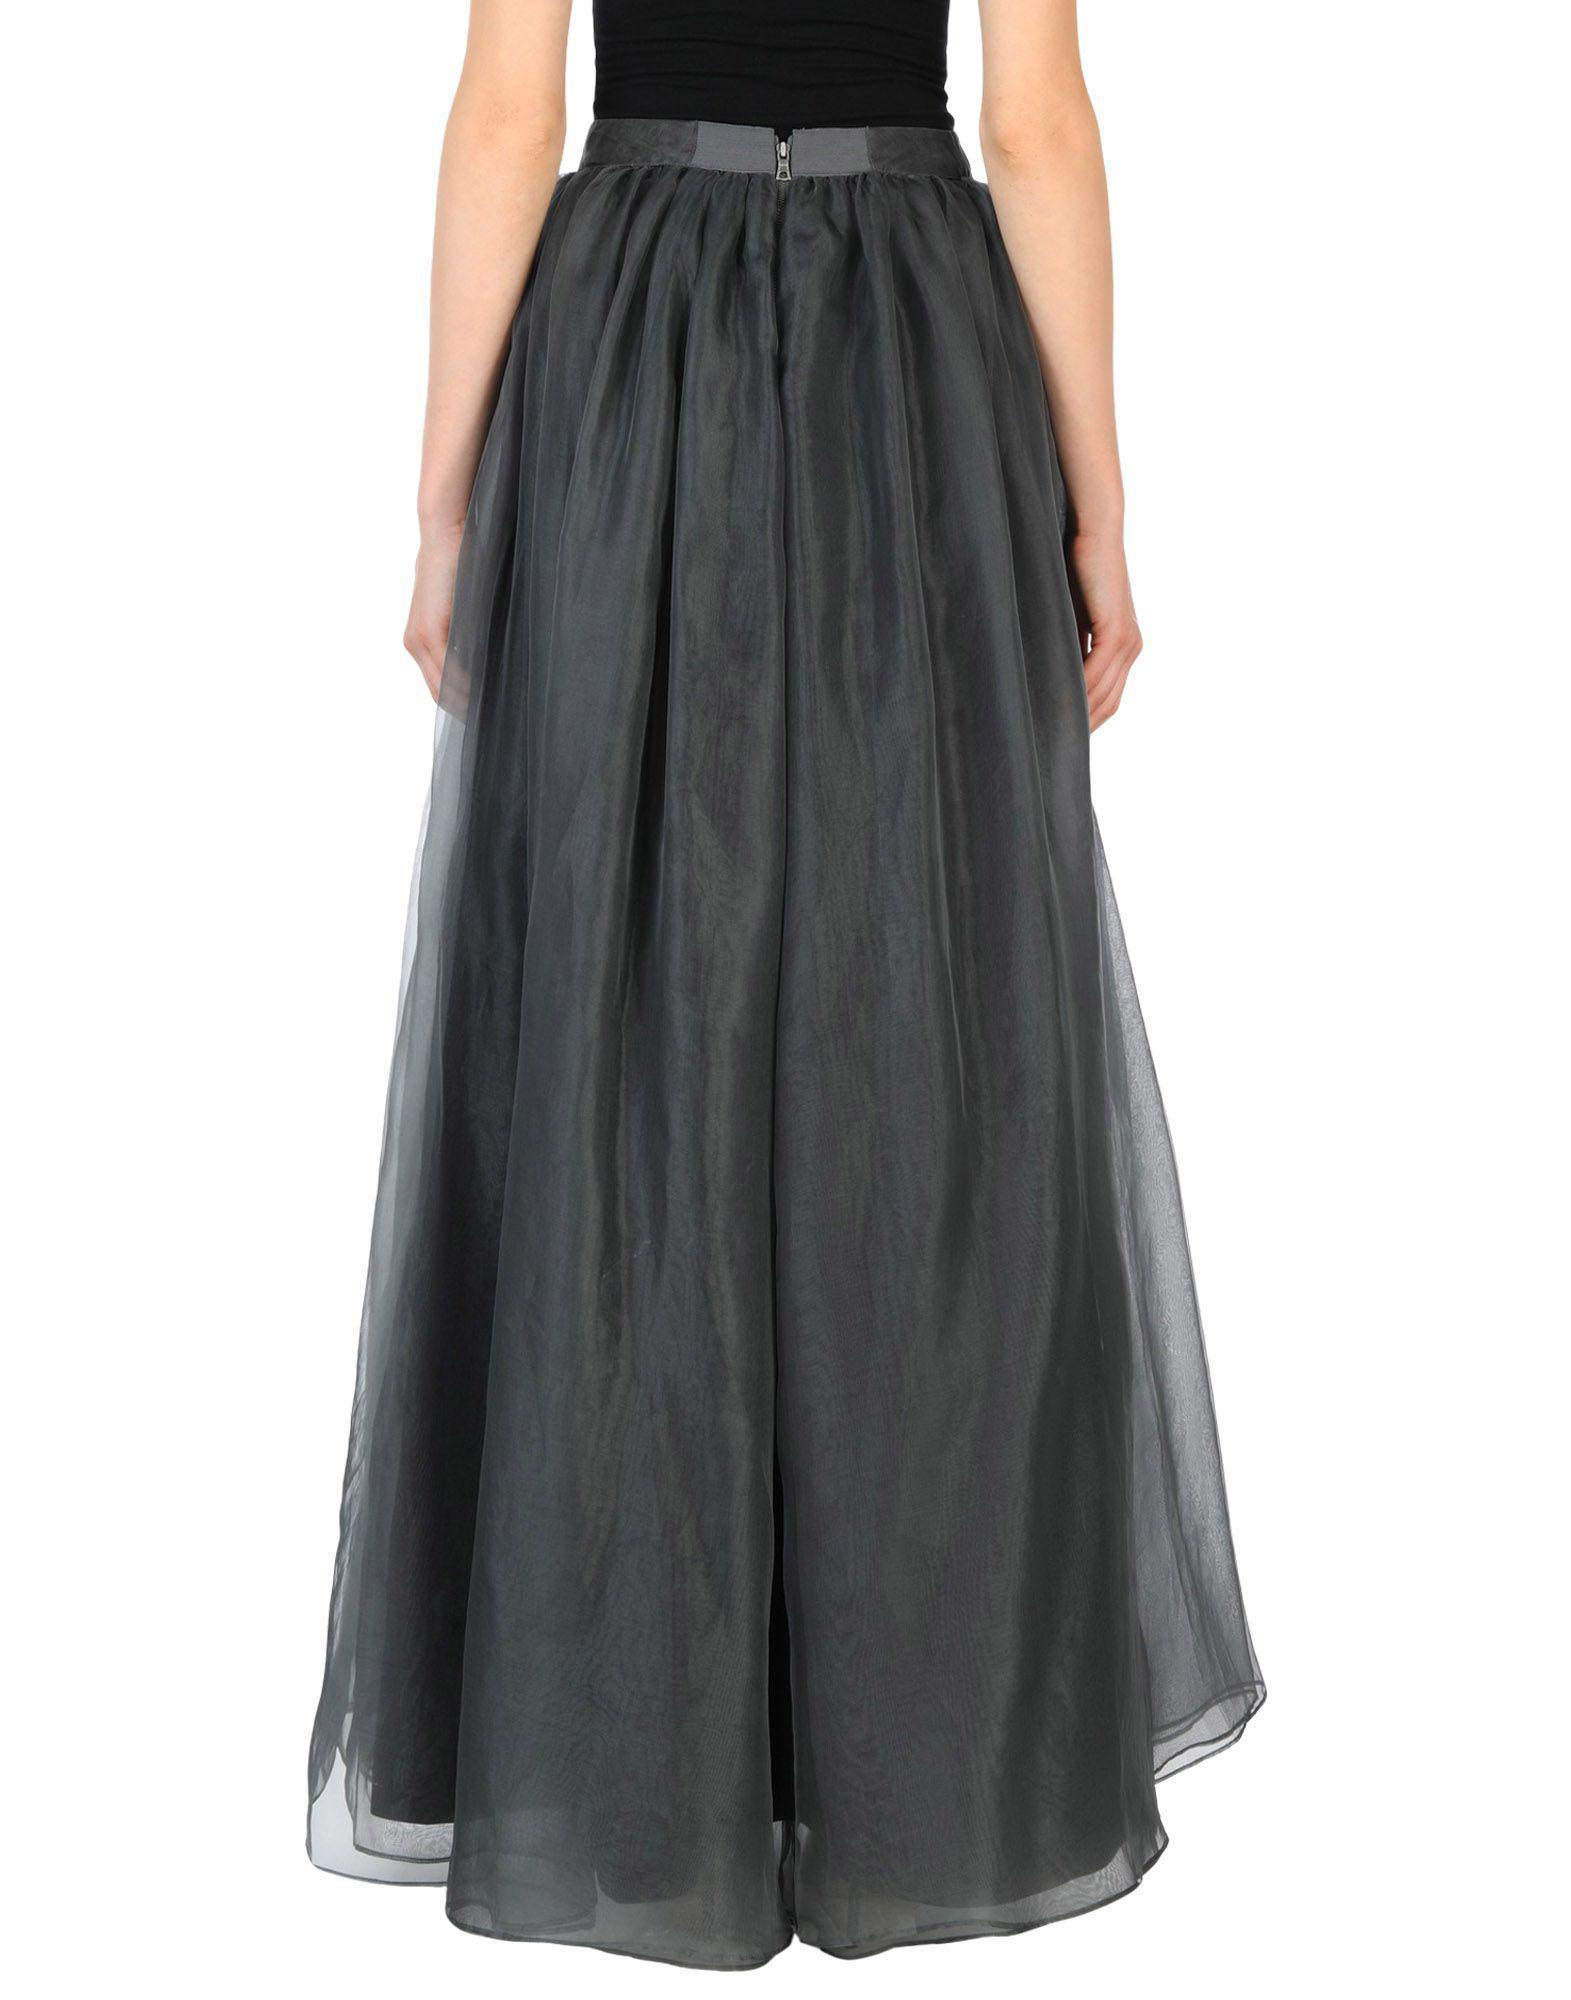 Lyst - Jupe longue Alice + Olivia en coloris Noir de24b71aff83